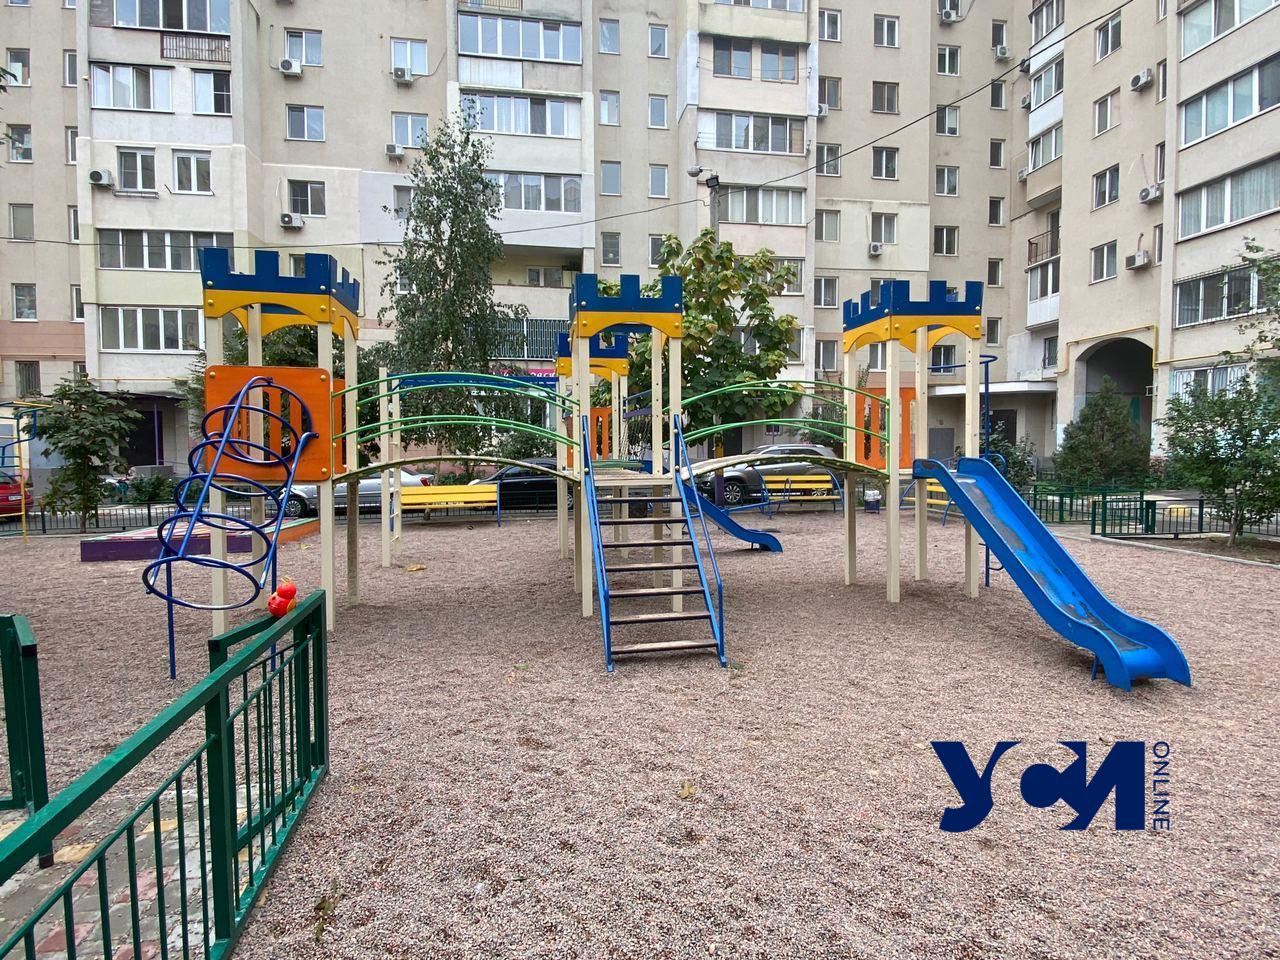 Остатки прошлых выборов: как сегодня выглядят детские площадки и спортивные турники, установленные в 2015-м «фото»